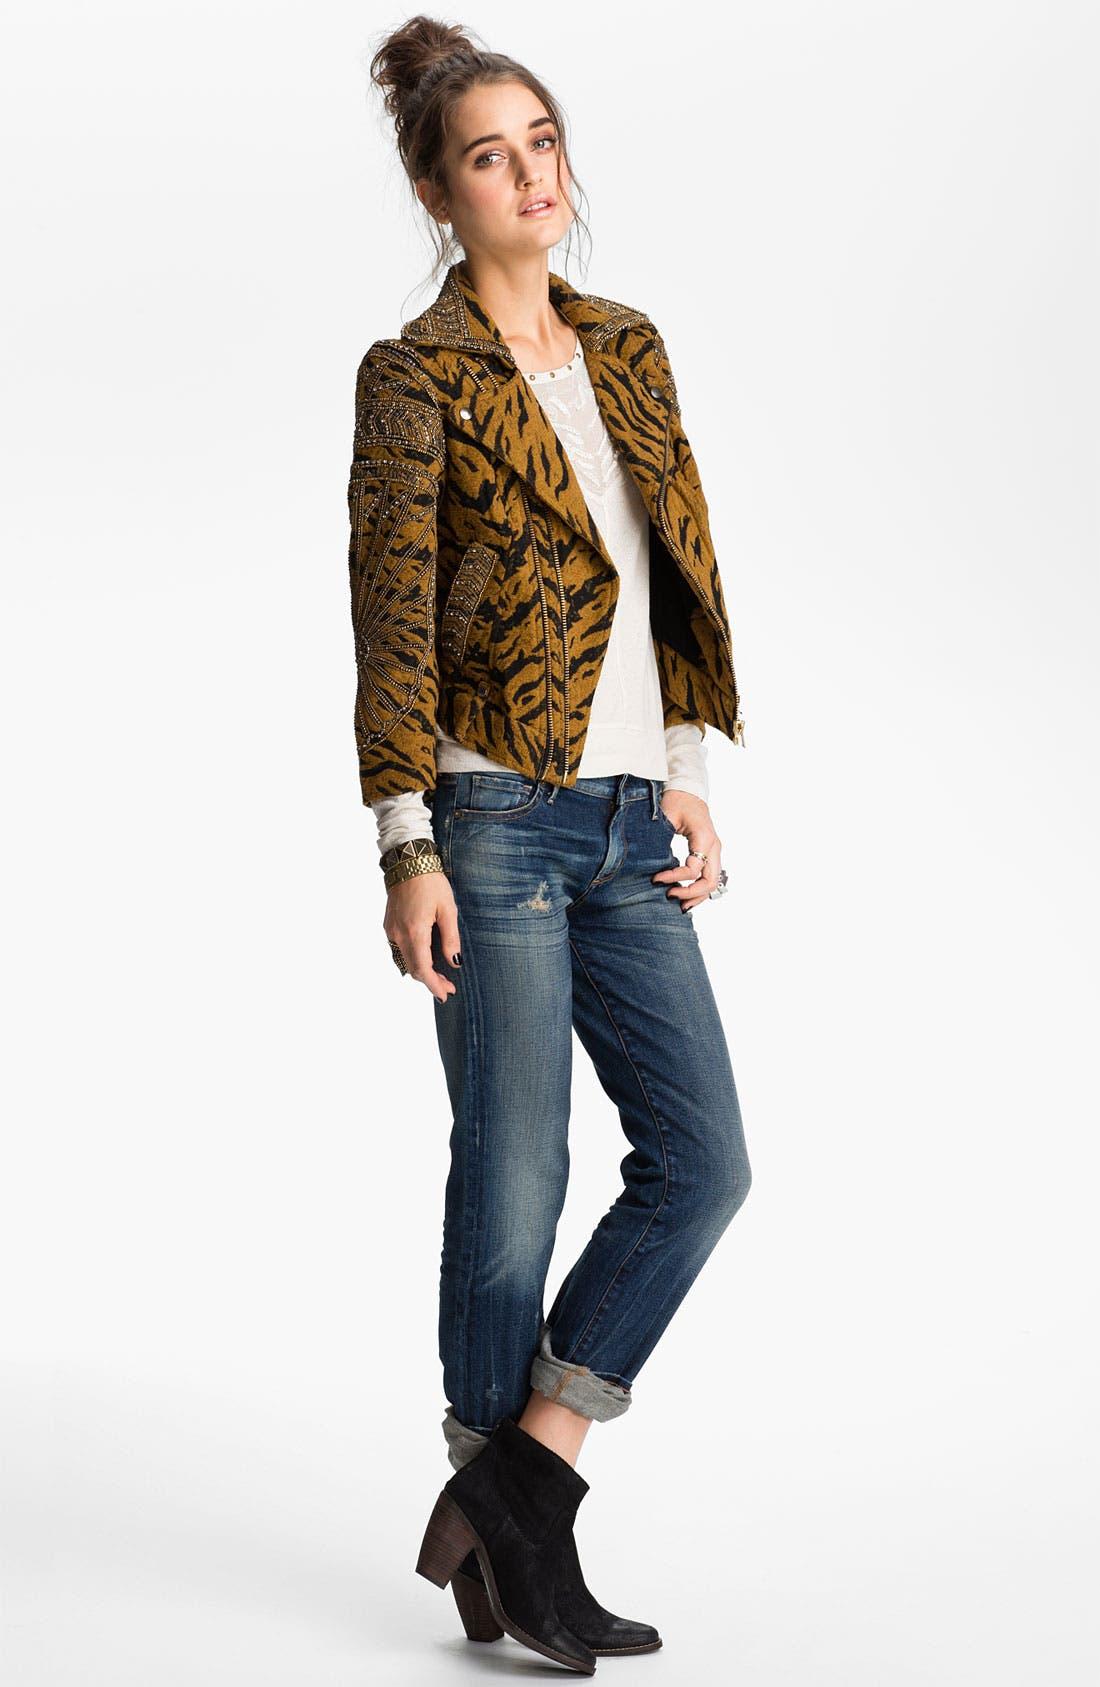 Alternate Image 1 Selected - Free People Embellished Tiger Jacquard Biker Jacket